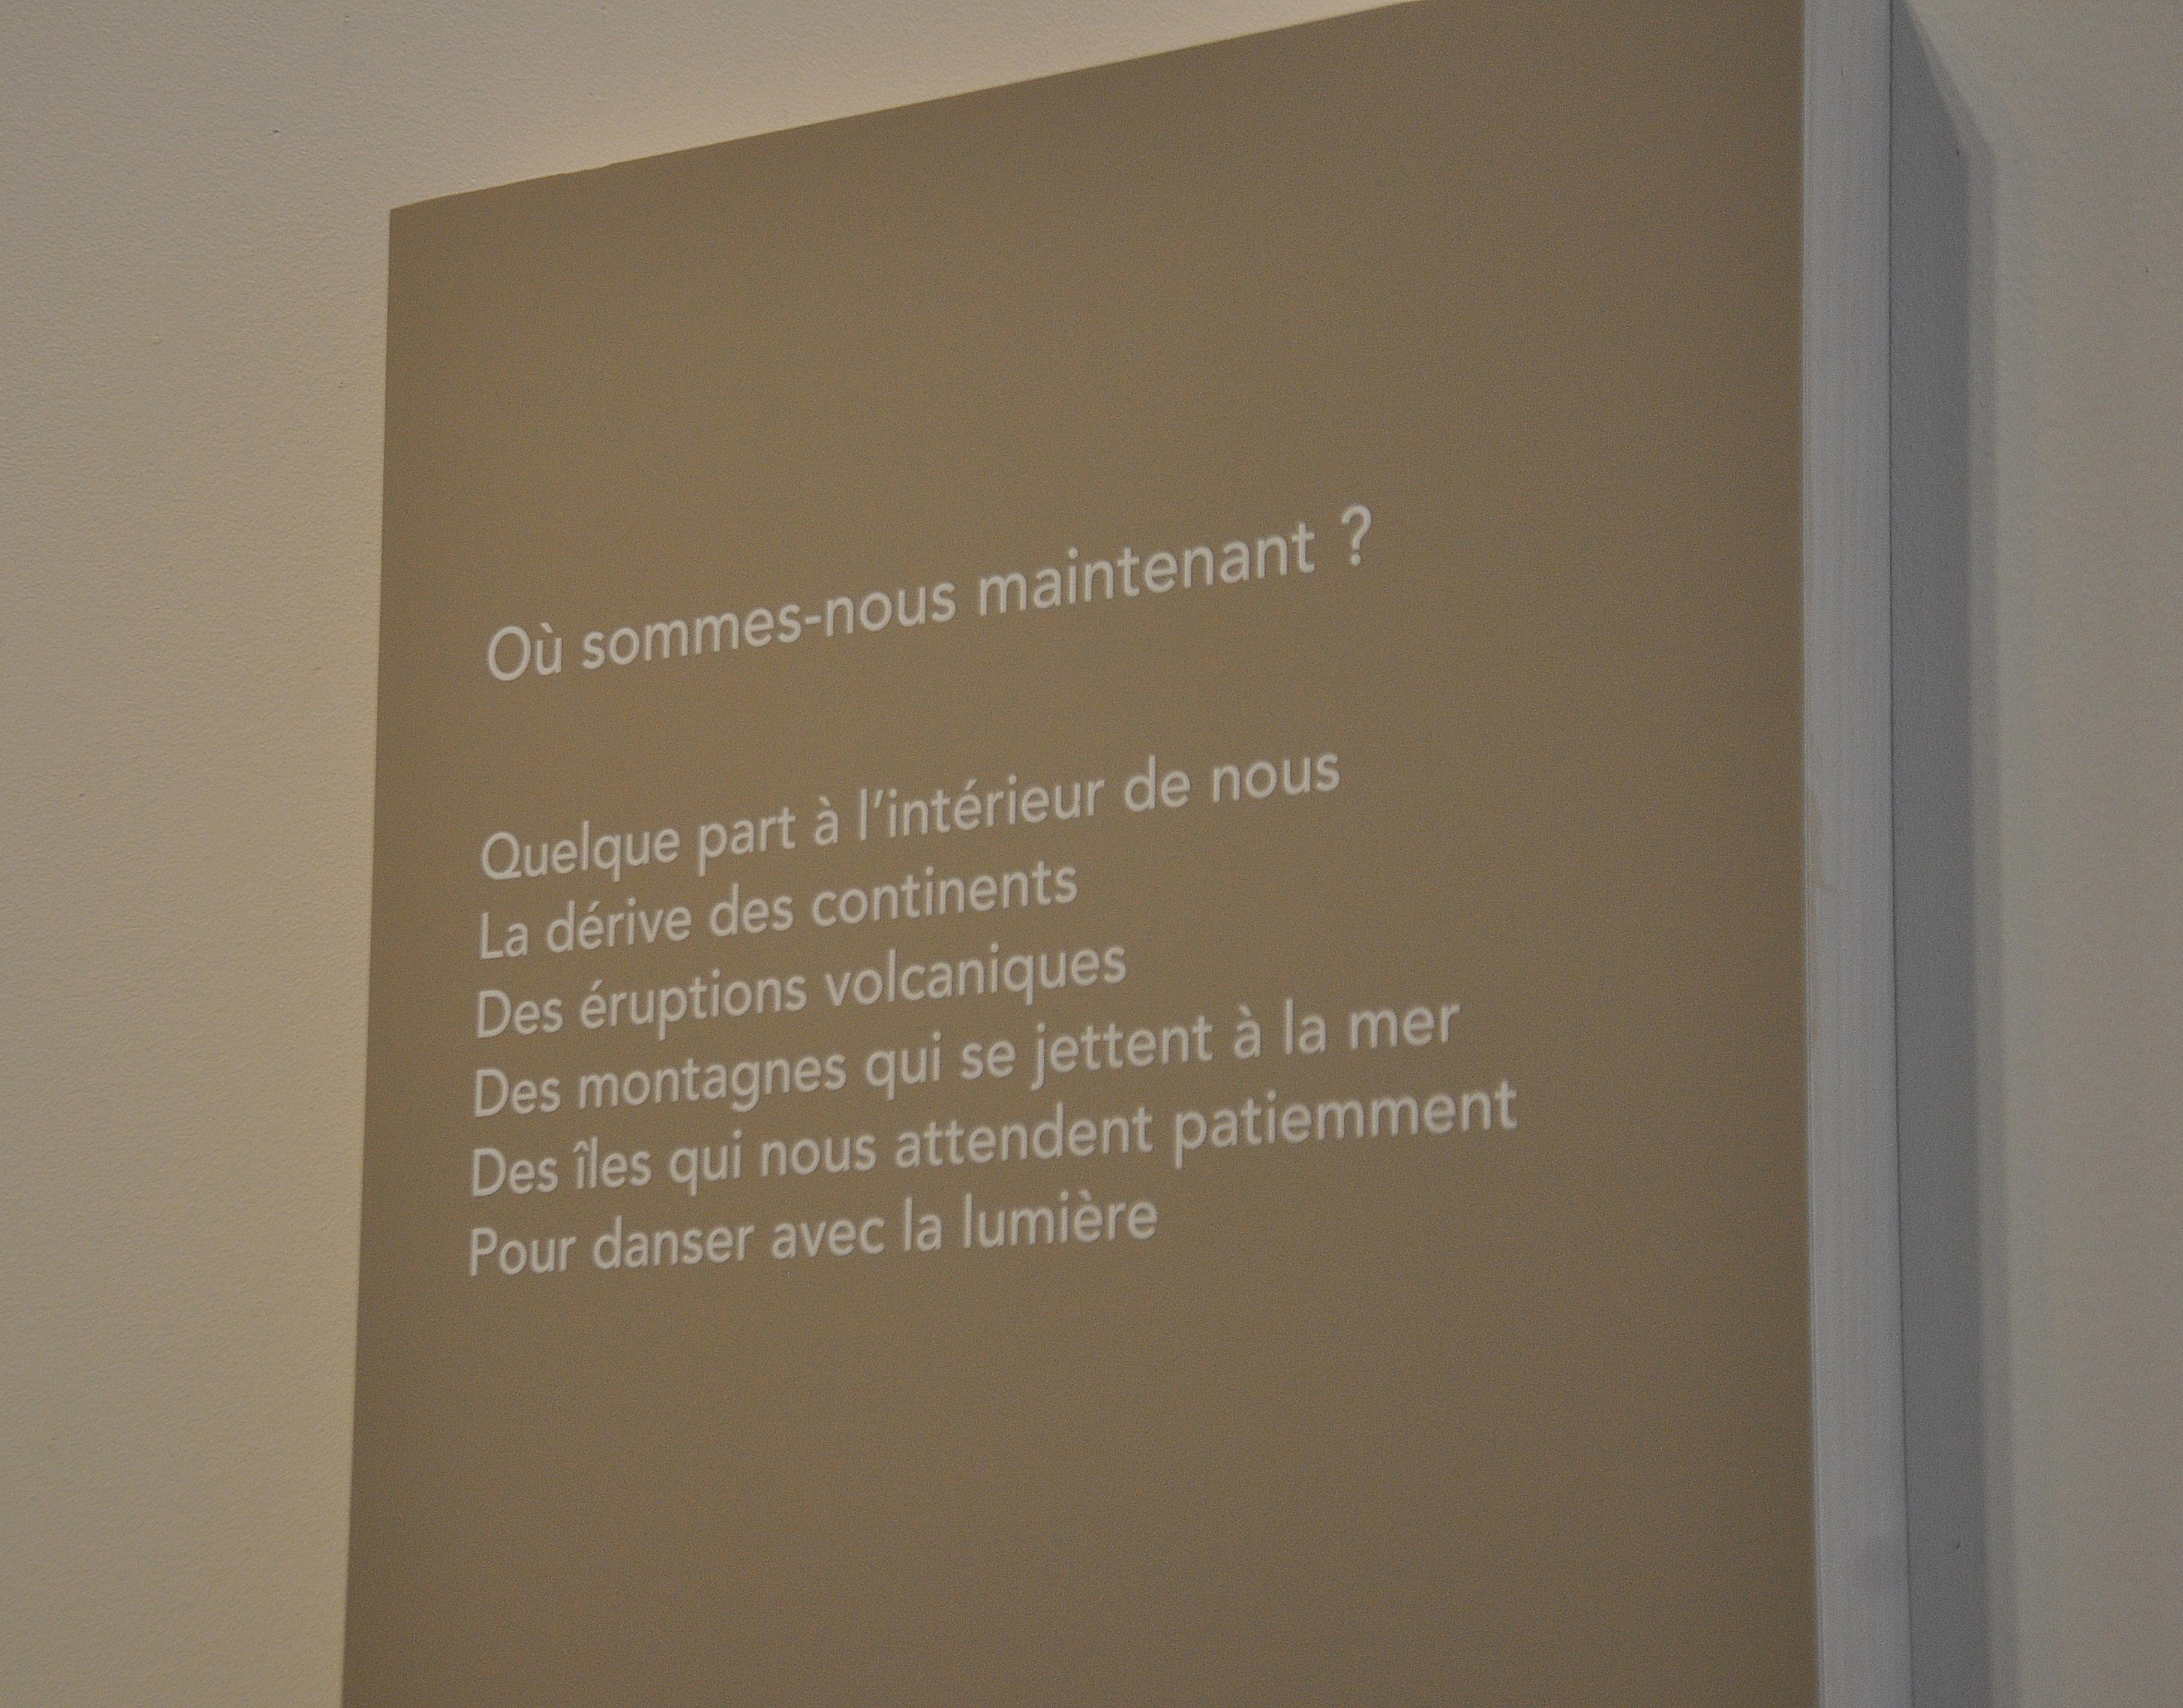 Un exemple de texte composé par Alain Michaud pour l'exposition.